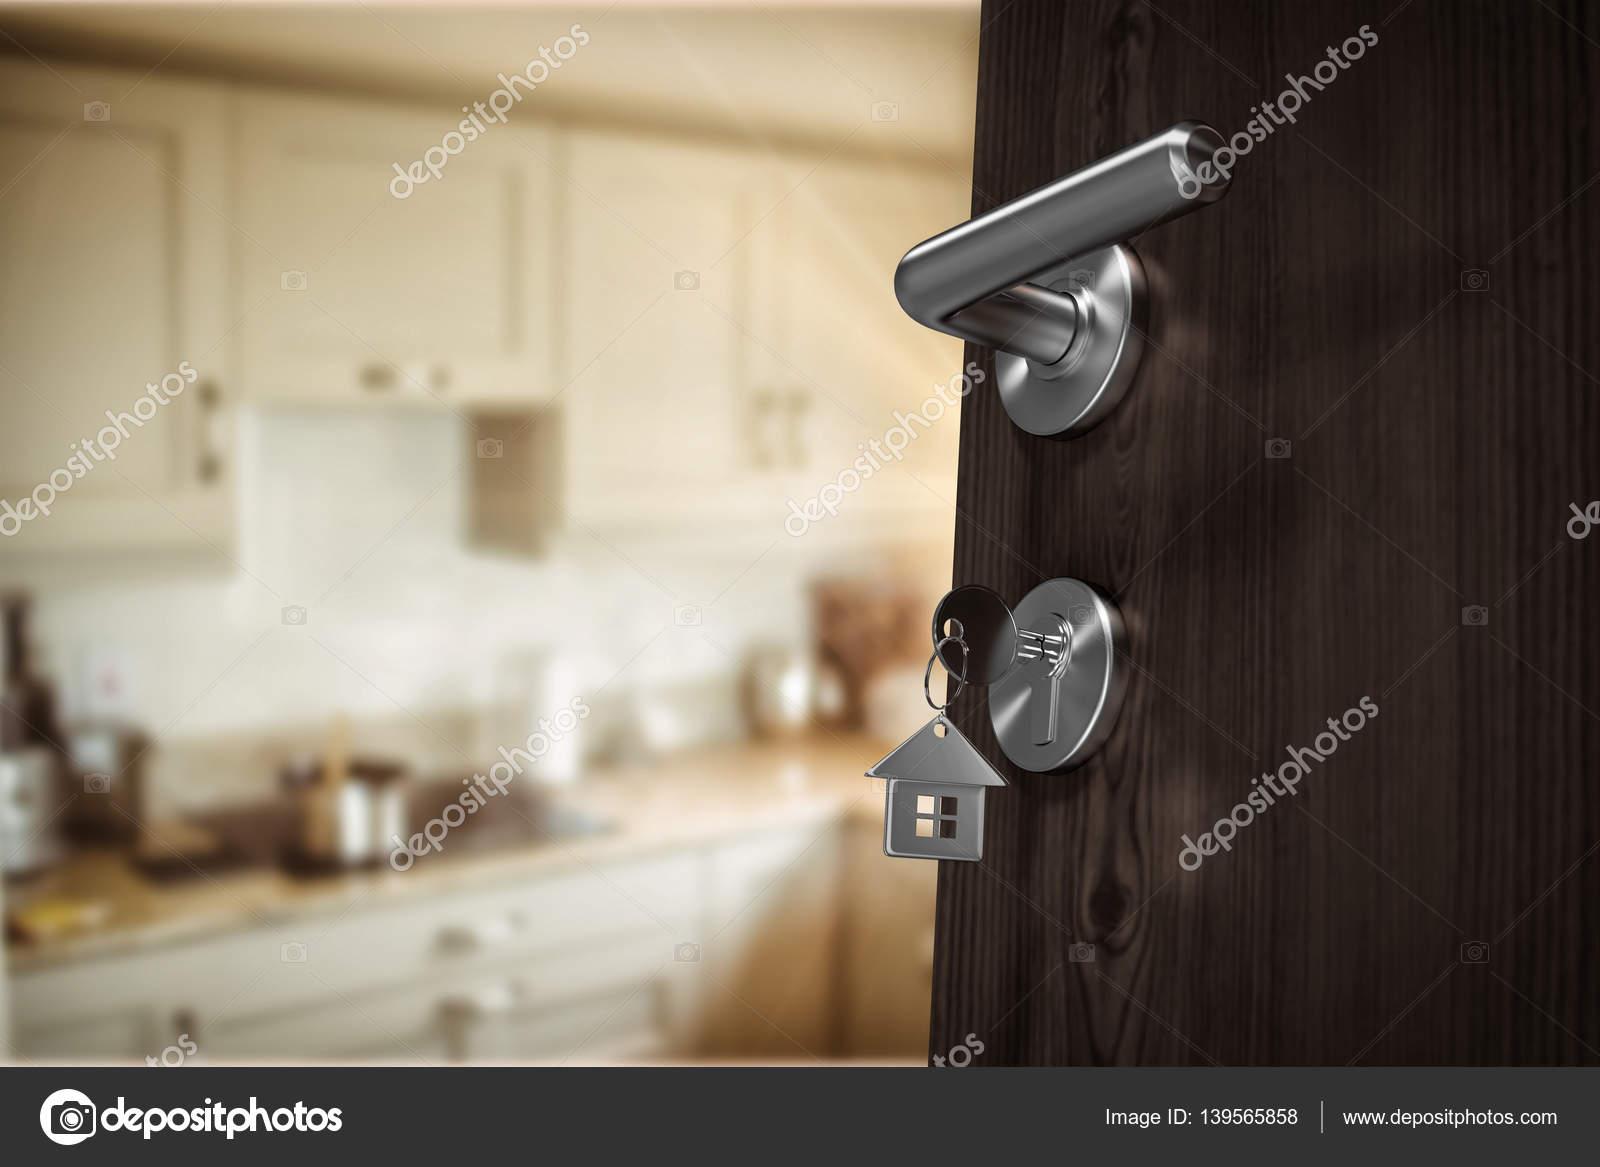 https://st3.depositphotos.com/1518767/13956/i/1600/depositphotos_139565858-stockafbeelding-open-deur-met-huissleutel.jpg